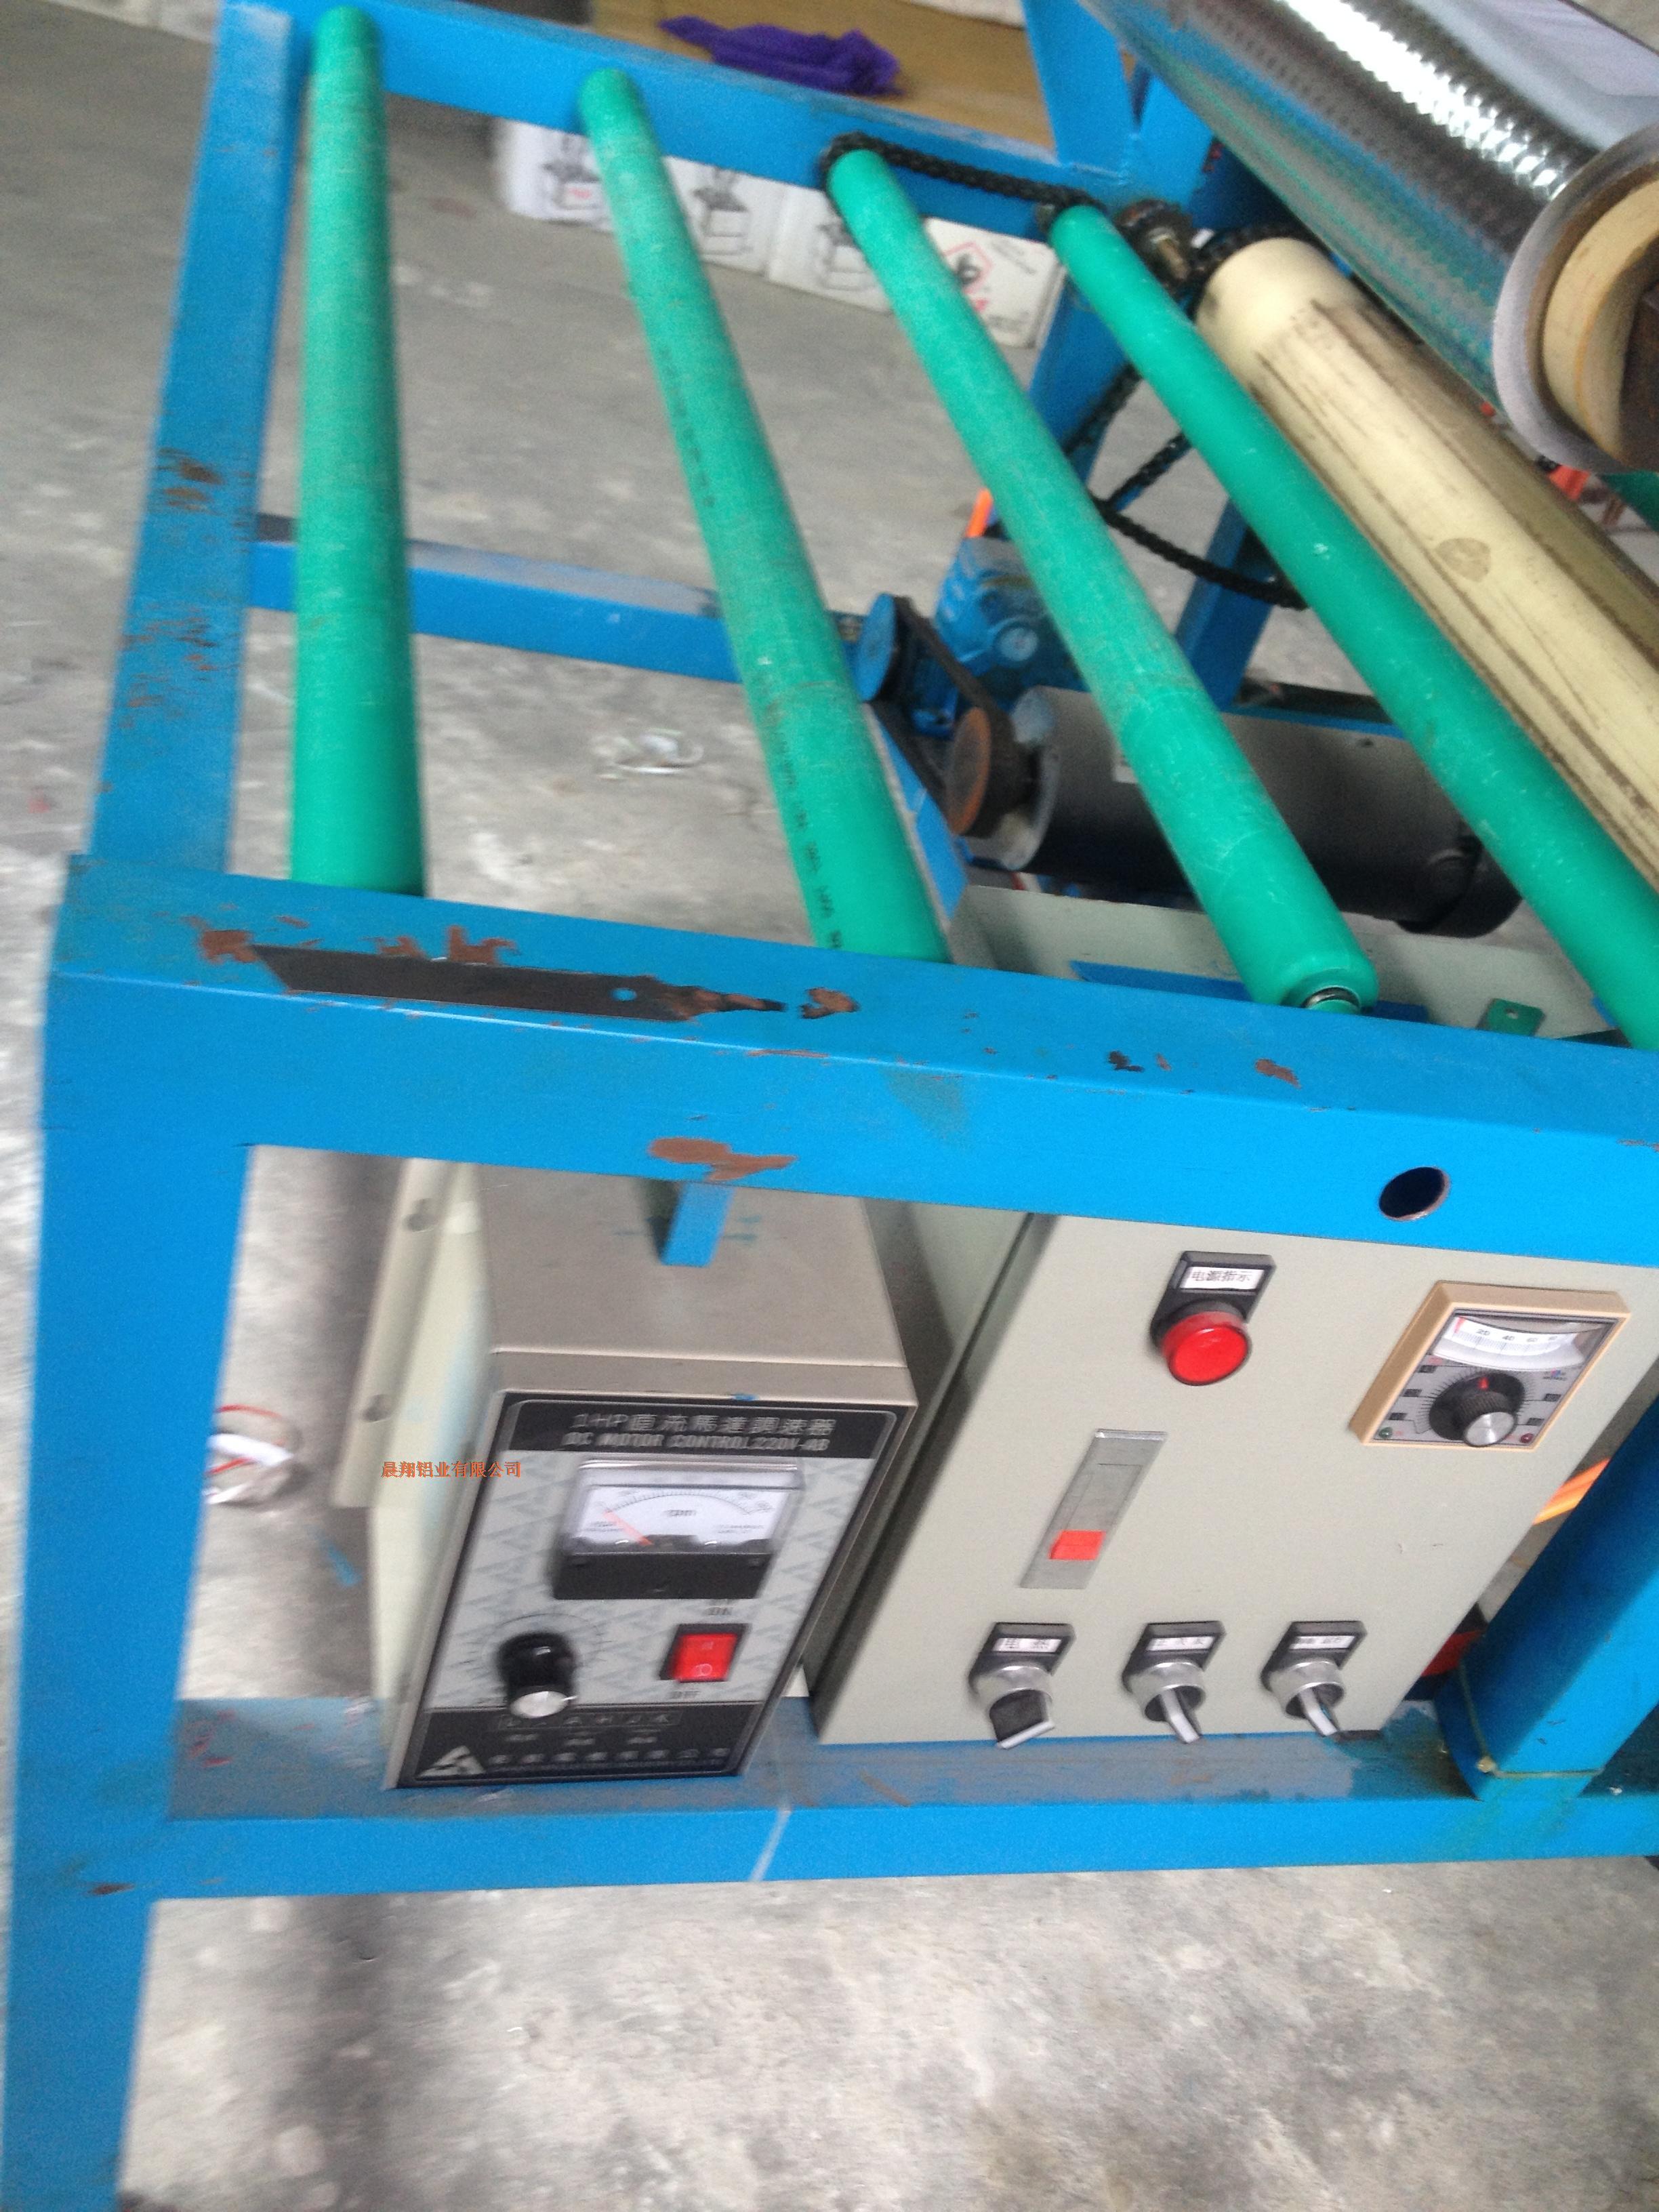 晶钢门贴膜机晶钢门玻璃贴膜机晶钢门覆膜机玻璃覆膜机复膜机 850